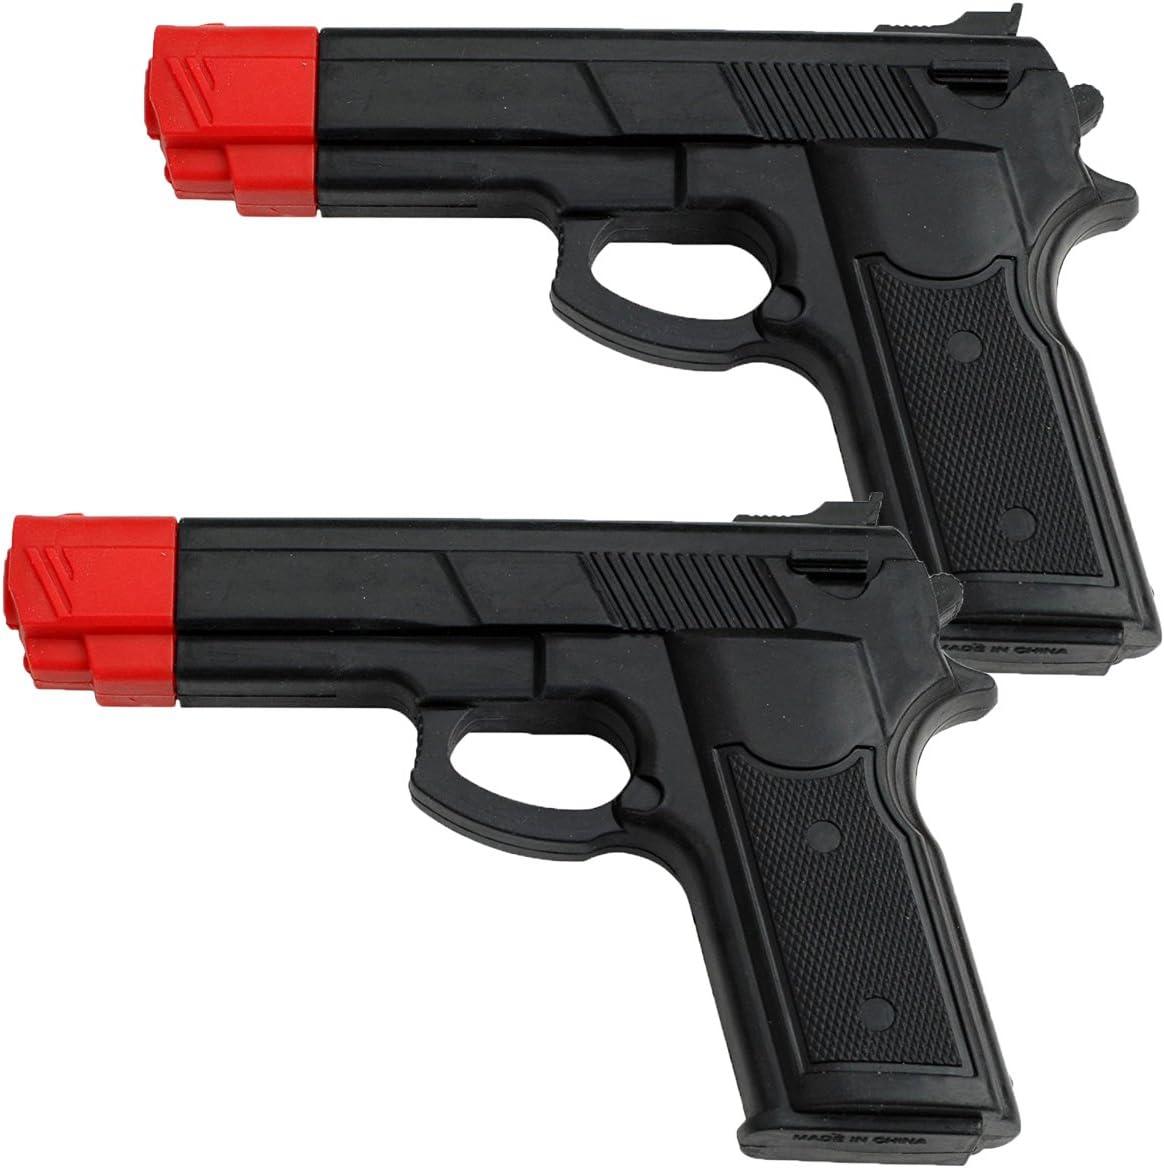 BladesUSA Rubber Training Gun Black//Red